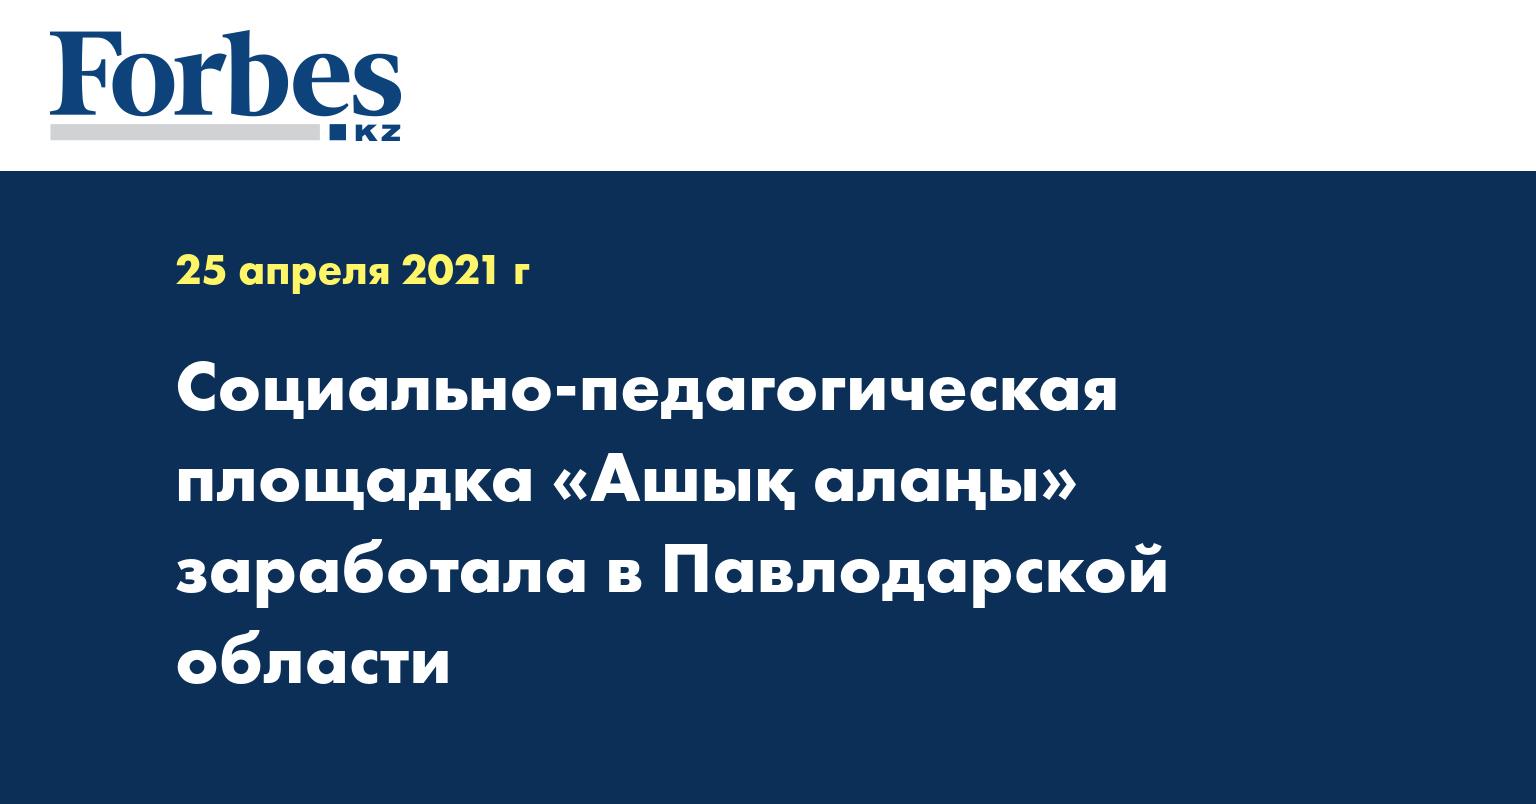 Социально-педагогическая площадка «Ашық алаңы» заработала в Павлодарской области